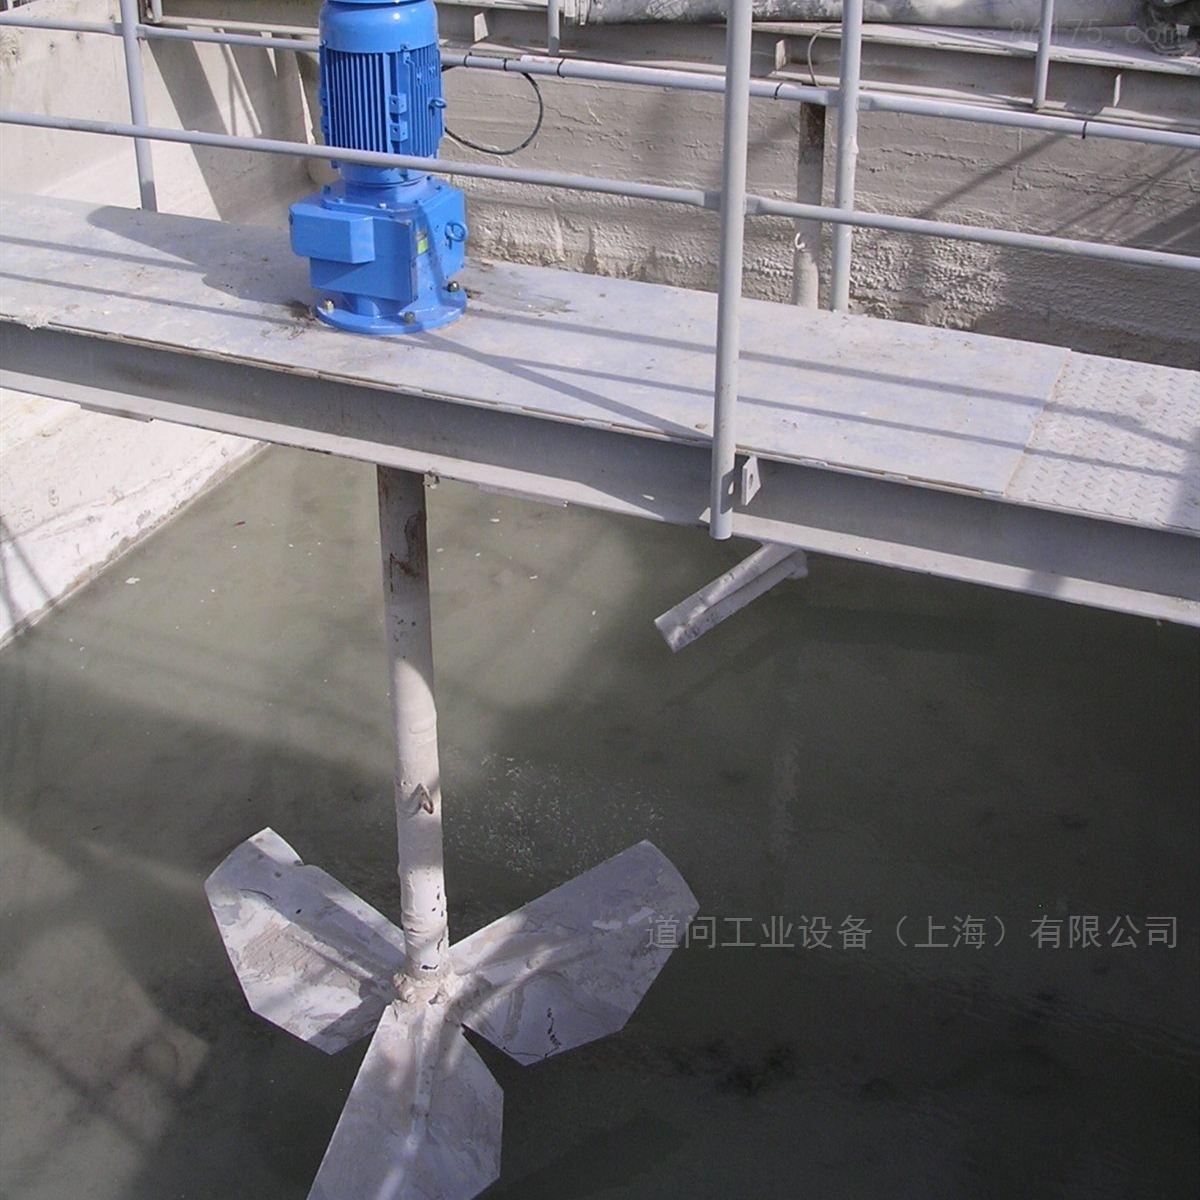 道问工业设备(上海)有限公司